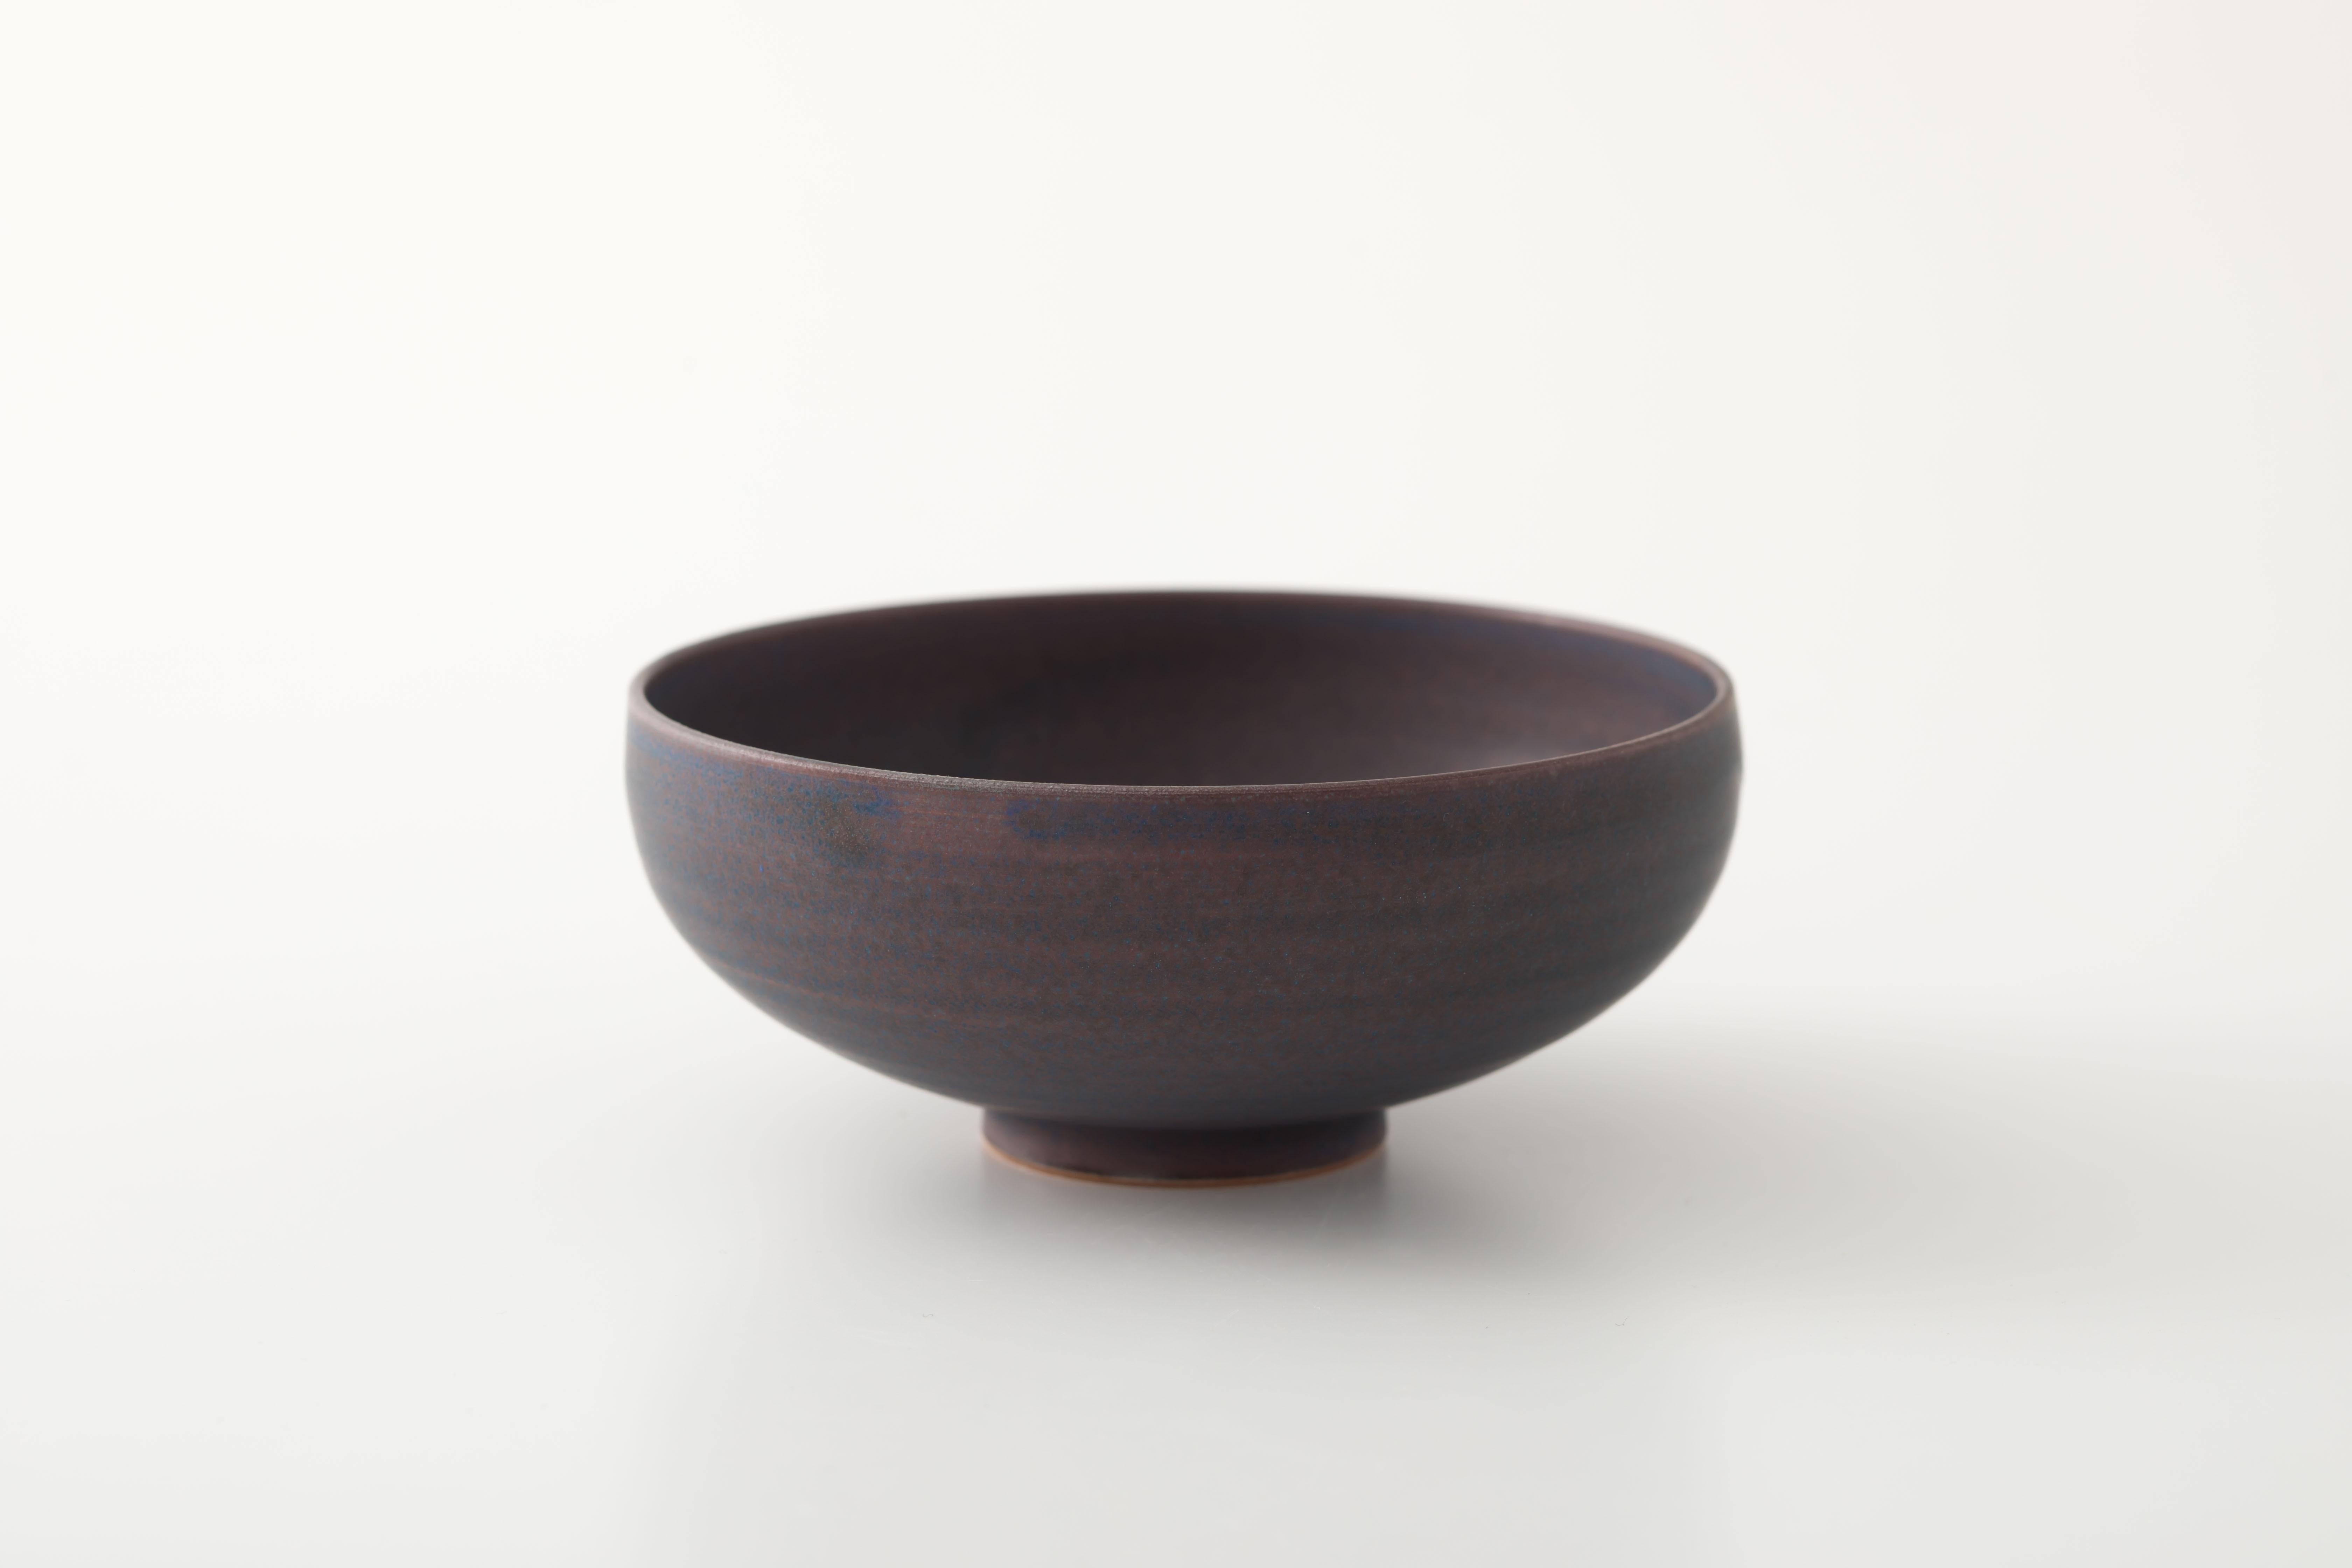 カフェオレボウル : 紫 / TOKINOHA